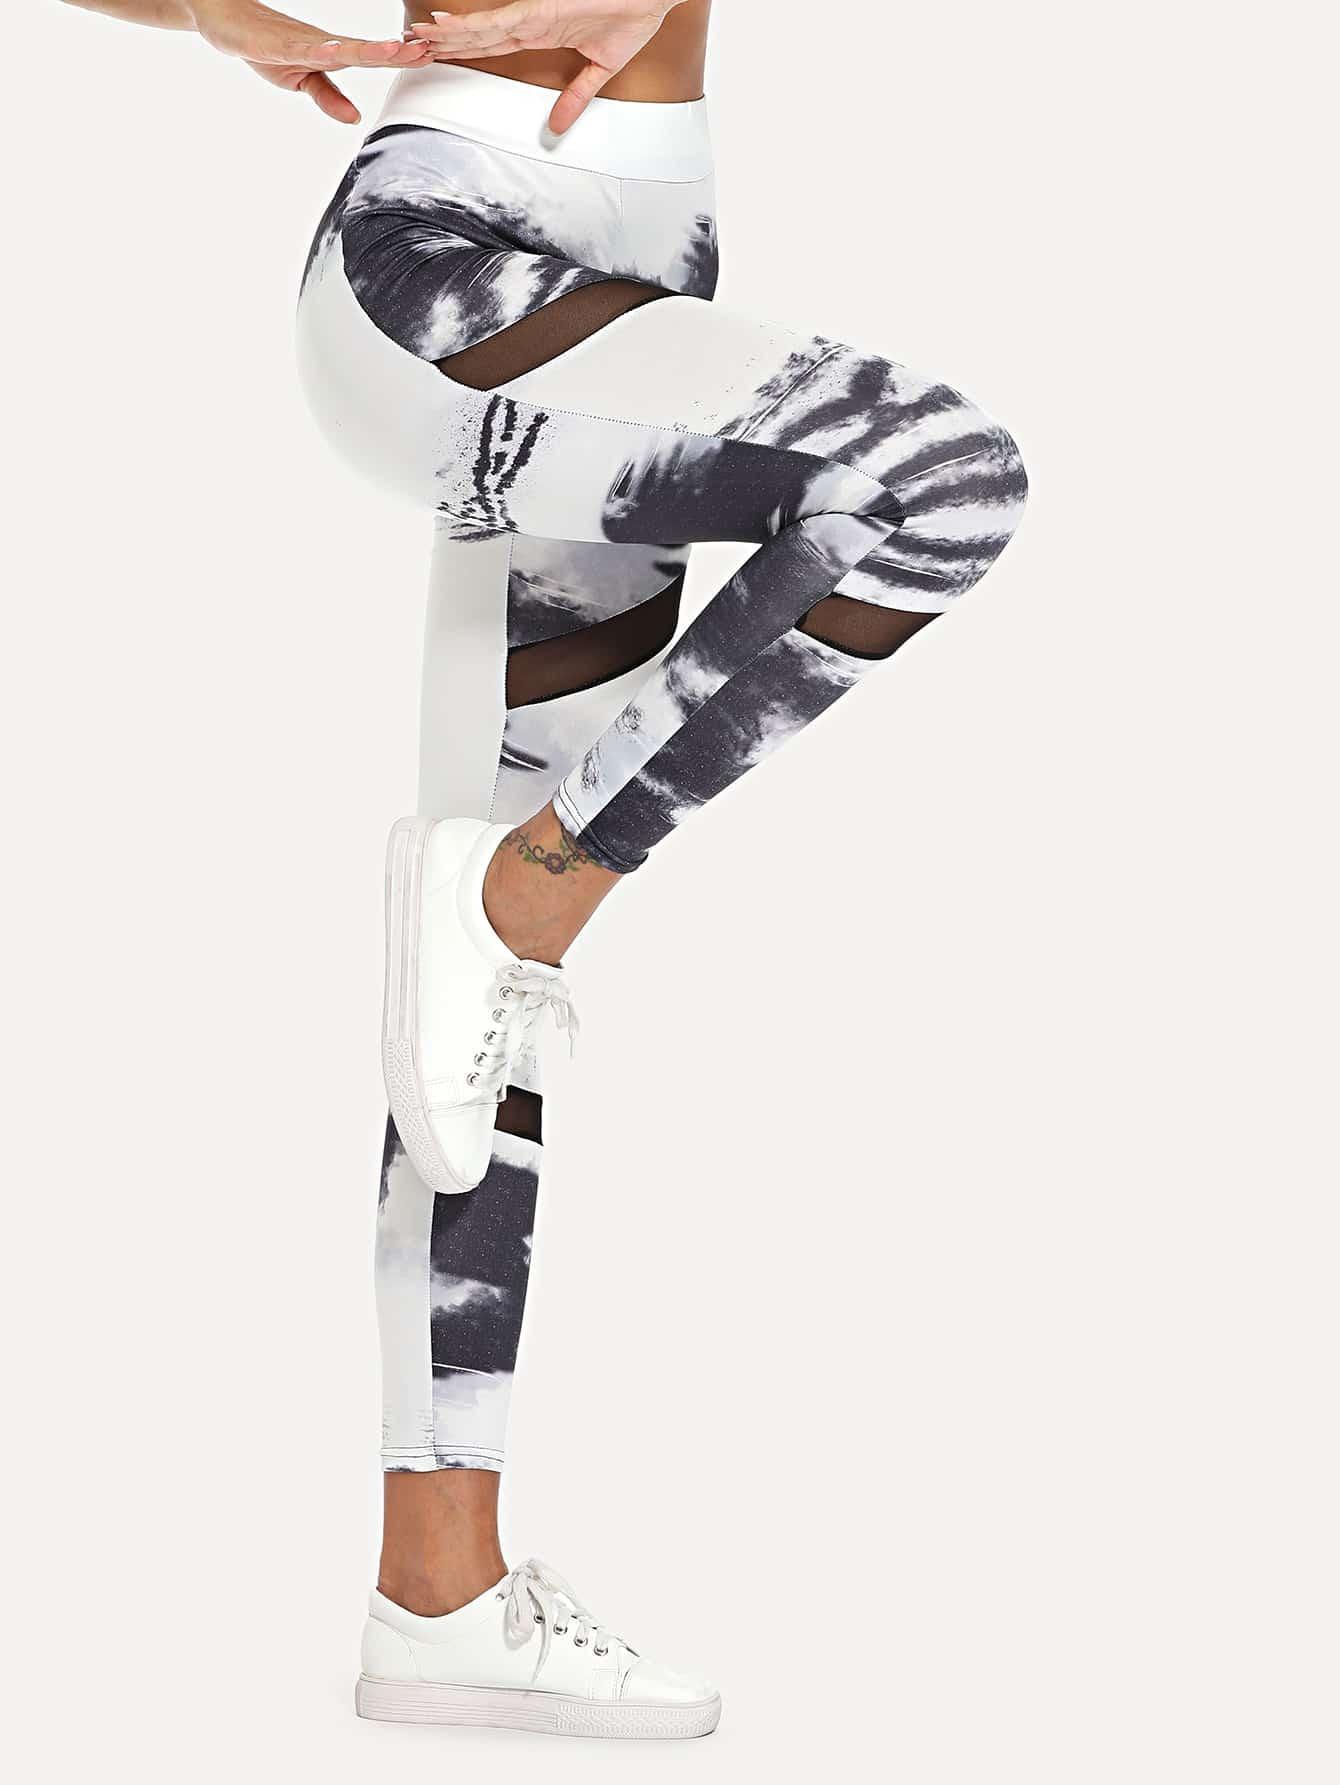 Sheer Mesh Panel Tie Dye Leggings ink pattern tie dye yoga leggings